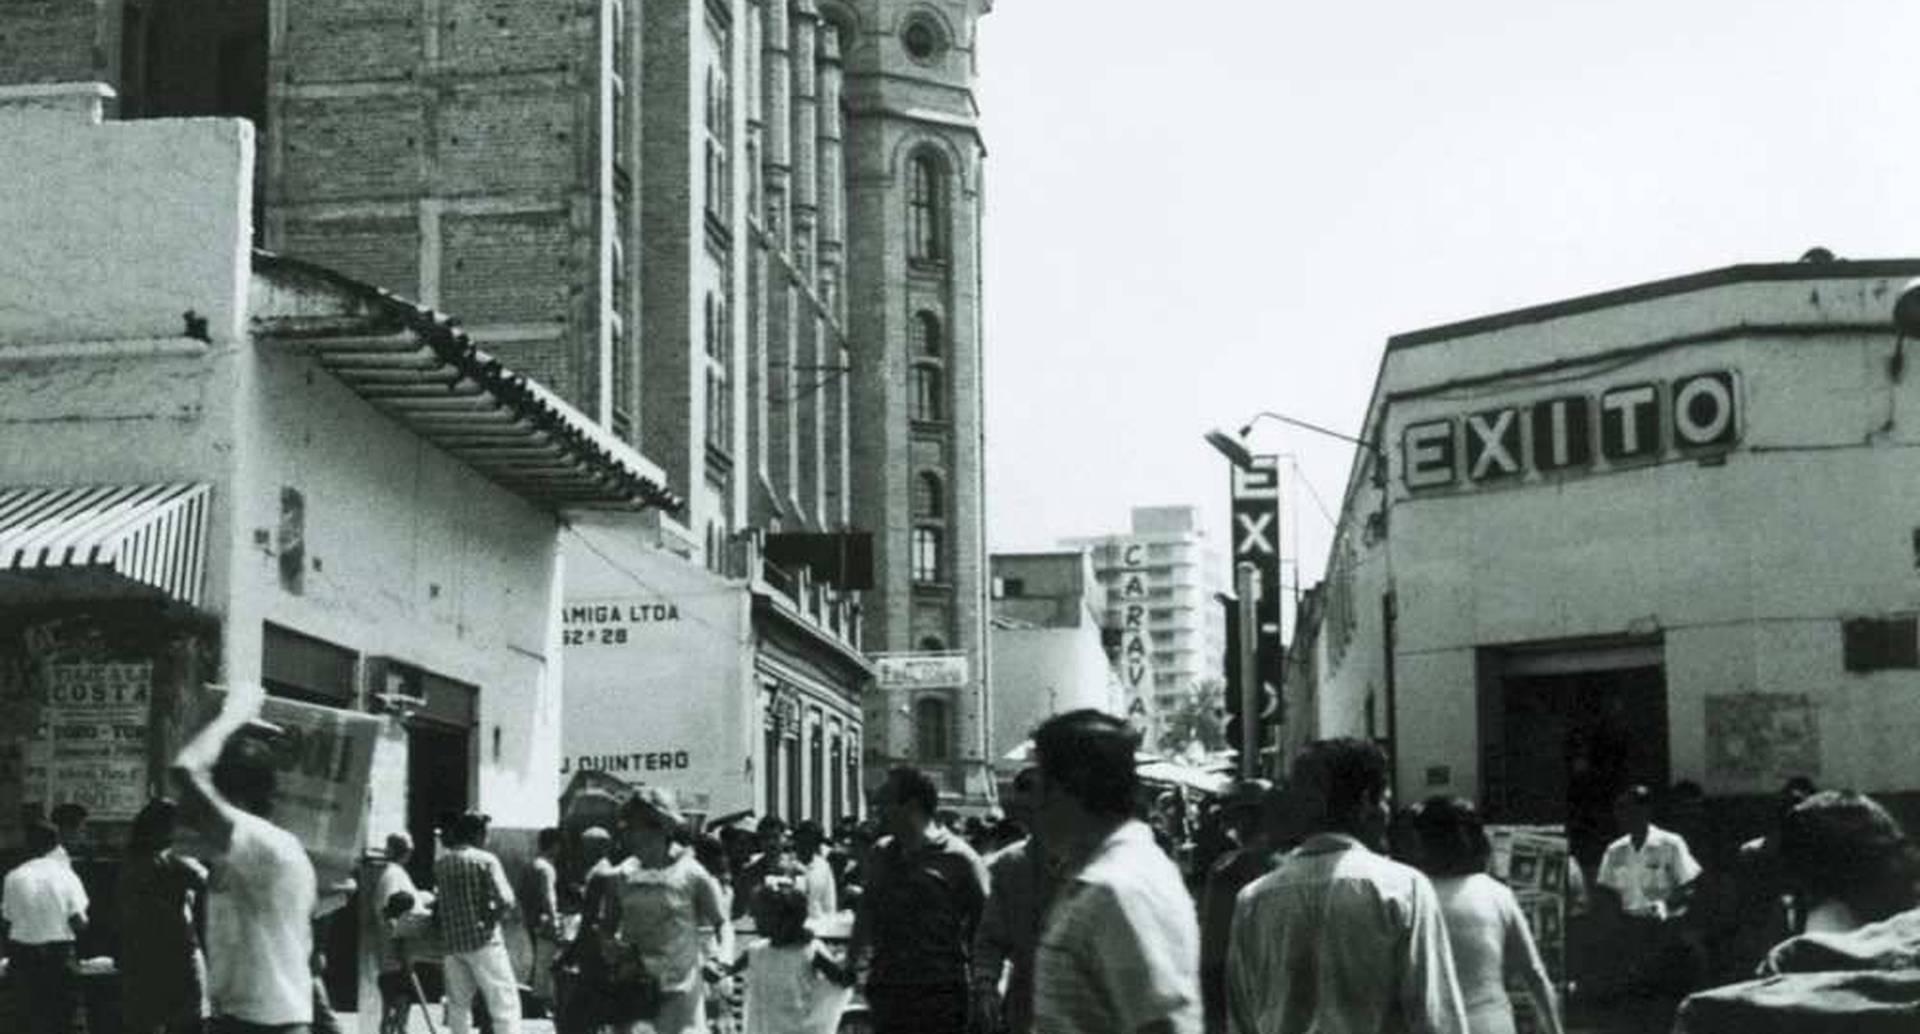 1949 - El primer almacén de la marca Éxito abrió el sábado 26 de marzo, en un local de 16 metros cuadrados ubicado en la calle Alhambra en el centro de Medellín. FOTO: Grupo Éxito